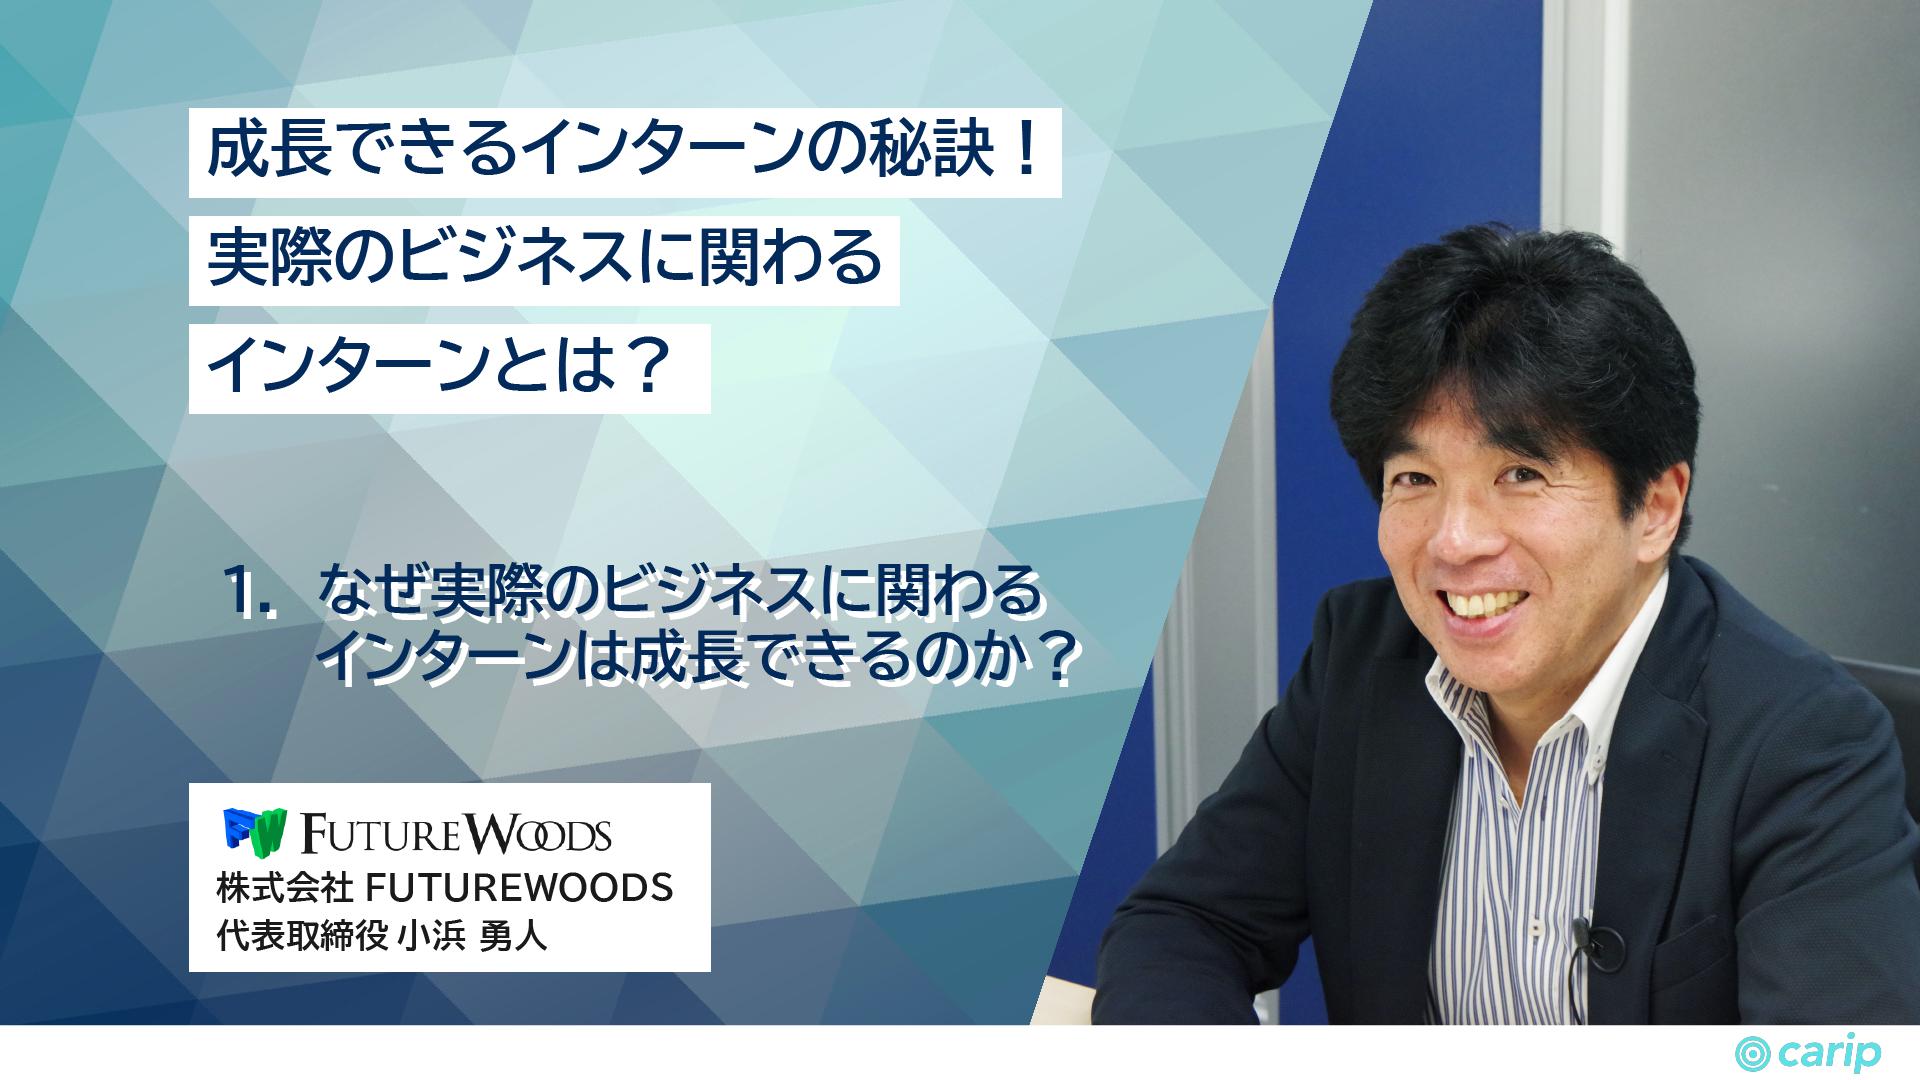 1.なぜ実際のビジネスに関わるインターンは成長できるのか?